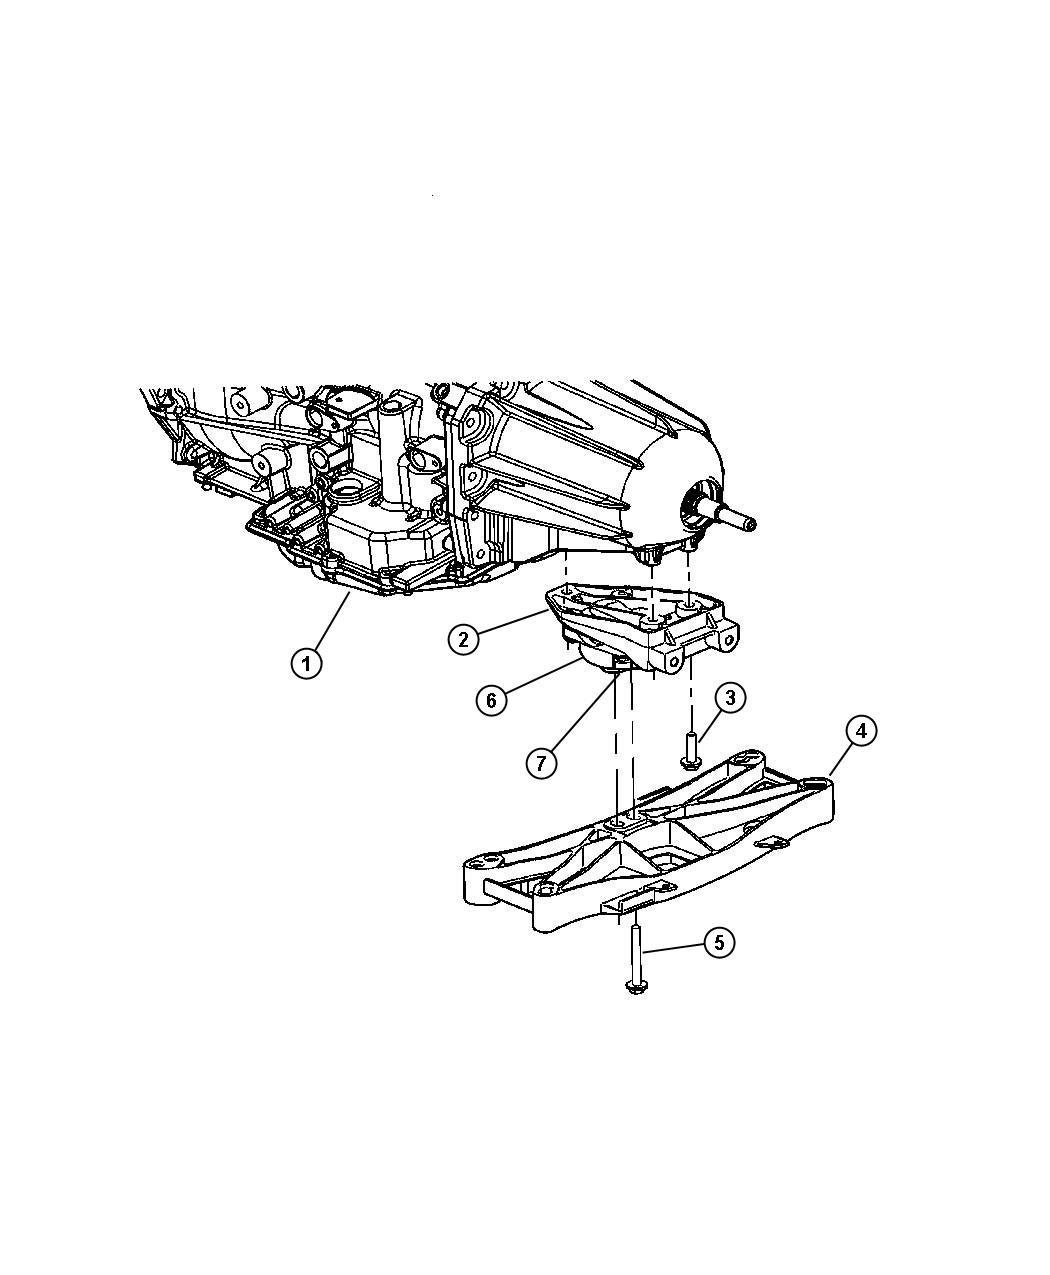 Dodge Charger Mount Transmission